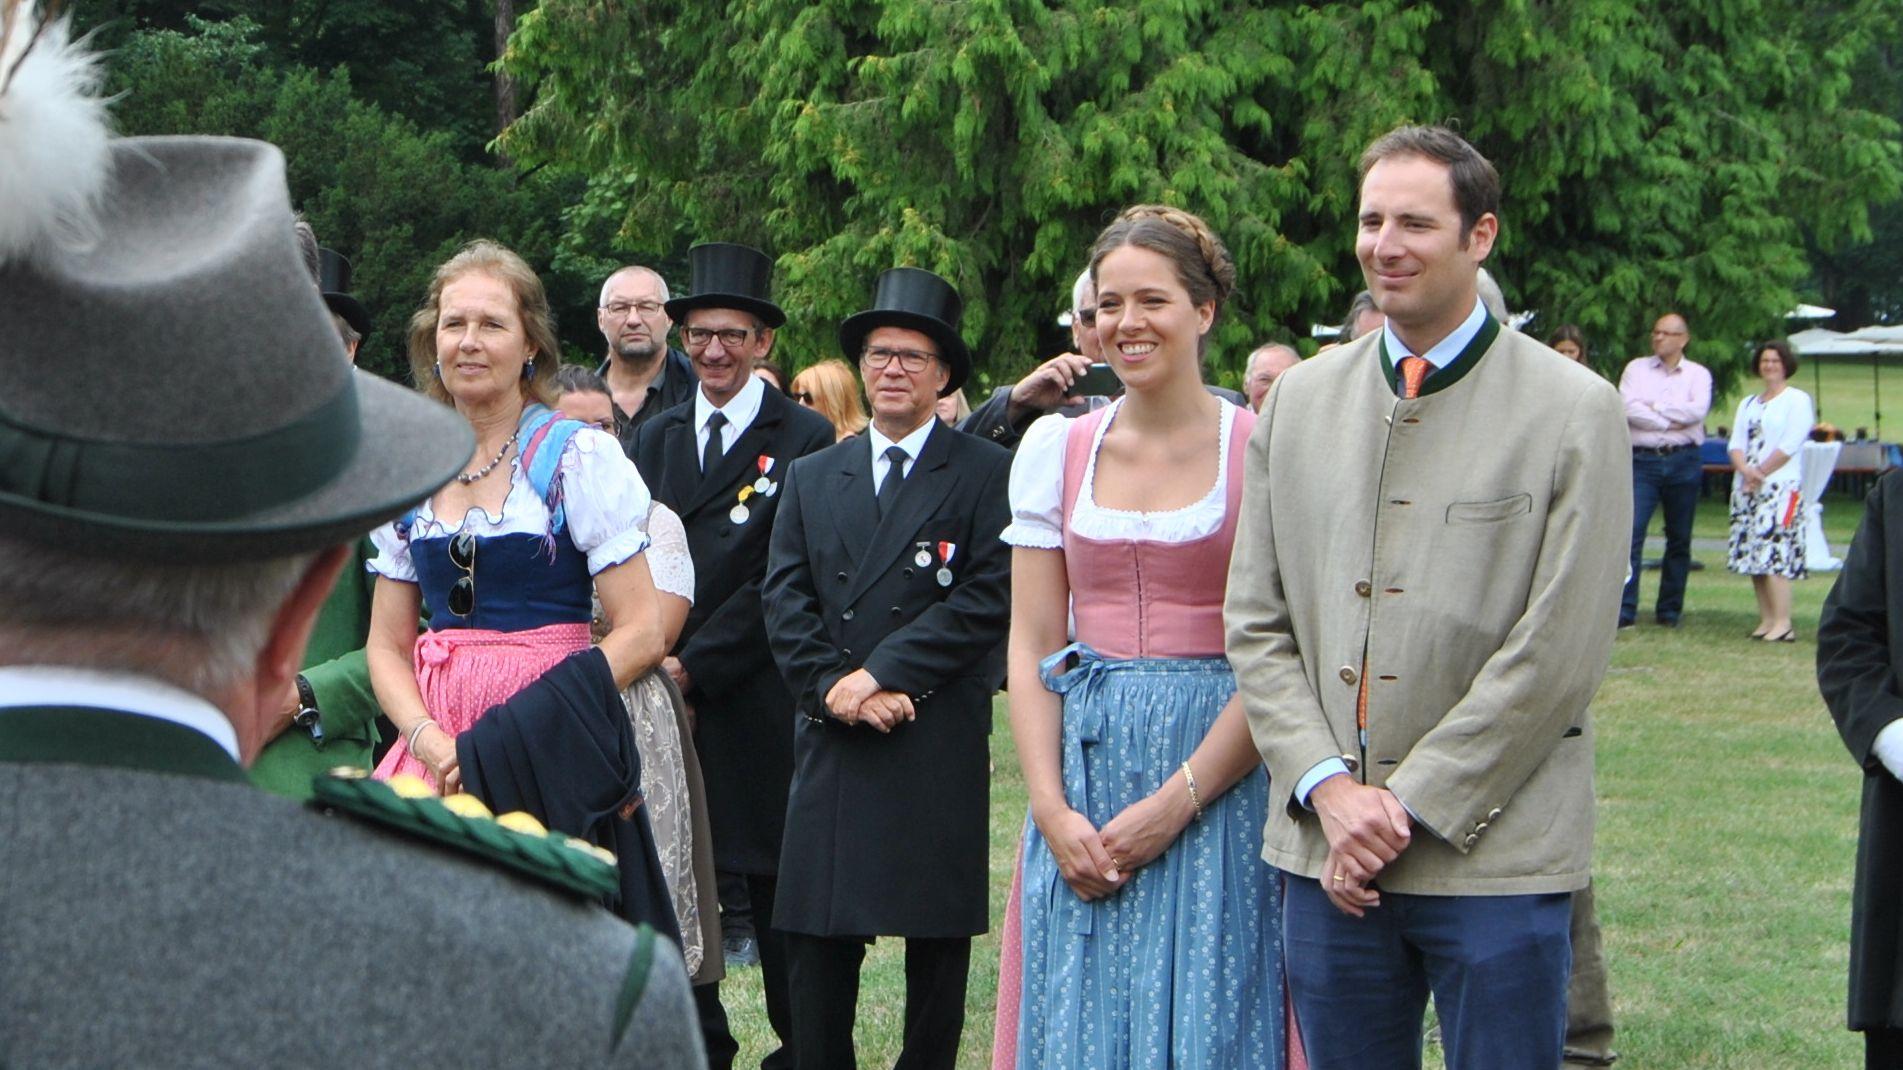 Otto Fürst zu Castell-Rüdenhausen und Sophia Mautner von Markhof im Schlosspark in Rüdenhausen